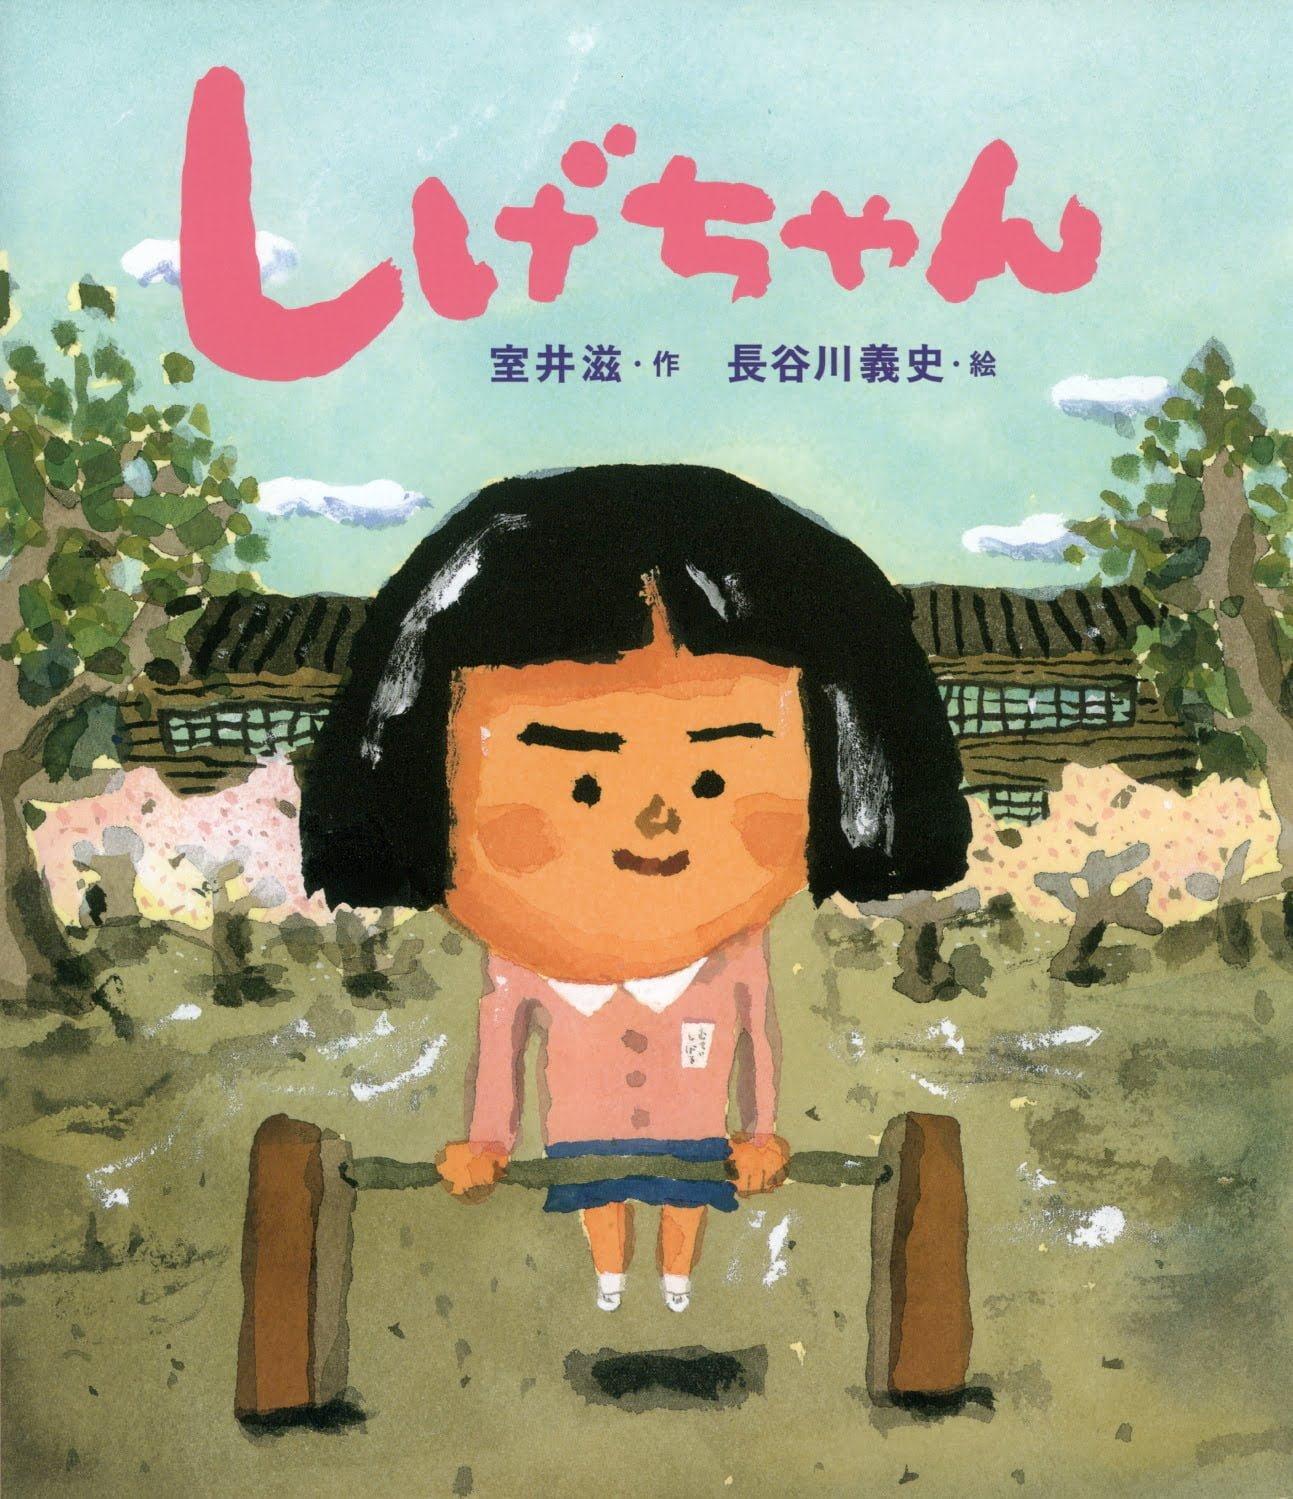 絵本「しげちゃん」の表紙